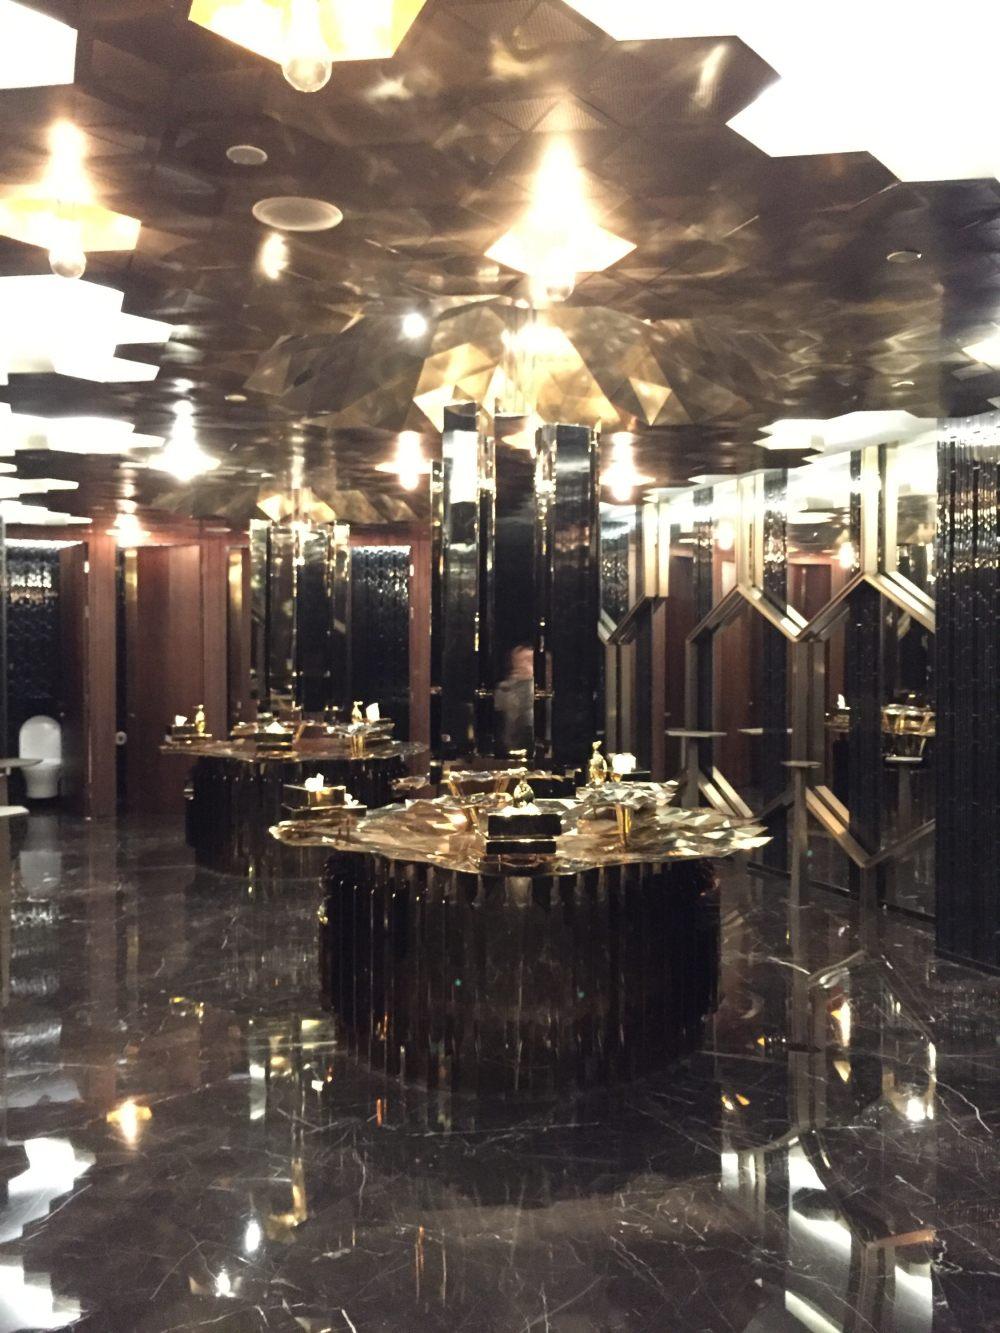 上海外滩W酒店,史上最全入住体验 自拍分享,申请置...._IMG_6084.JPG